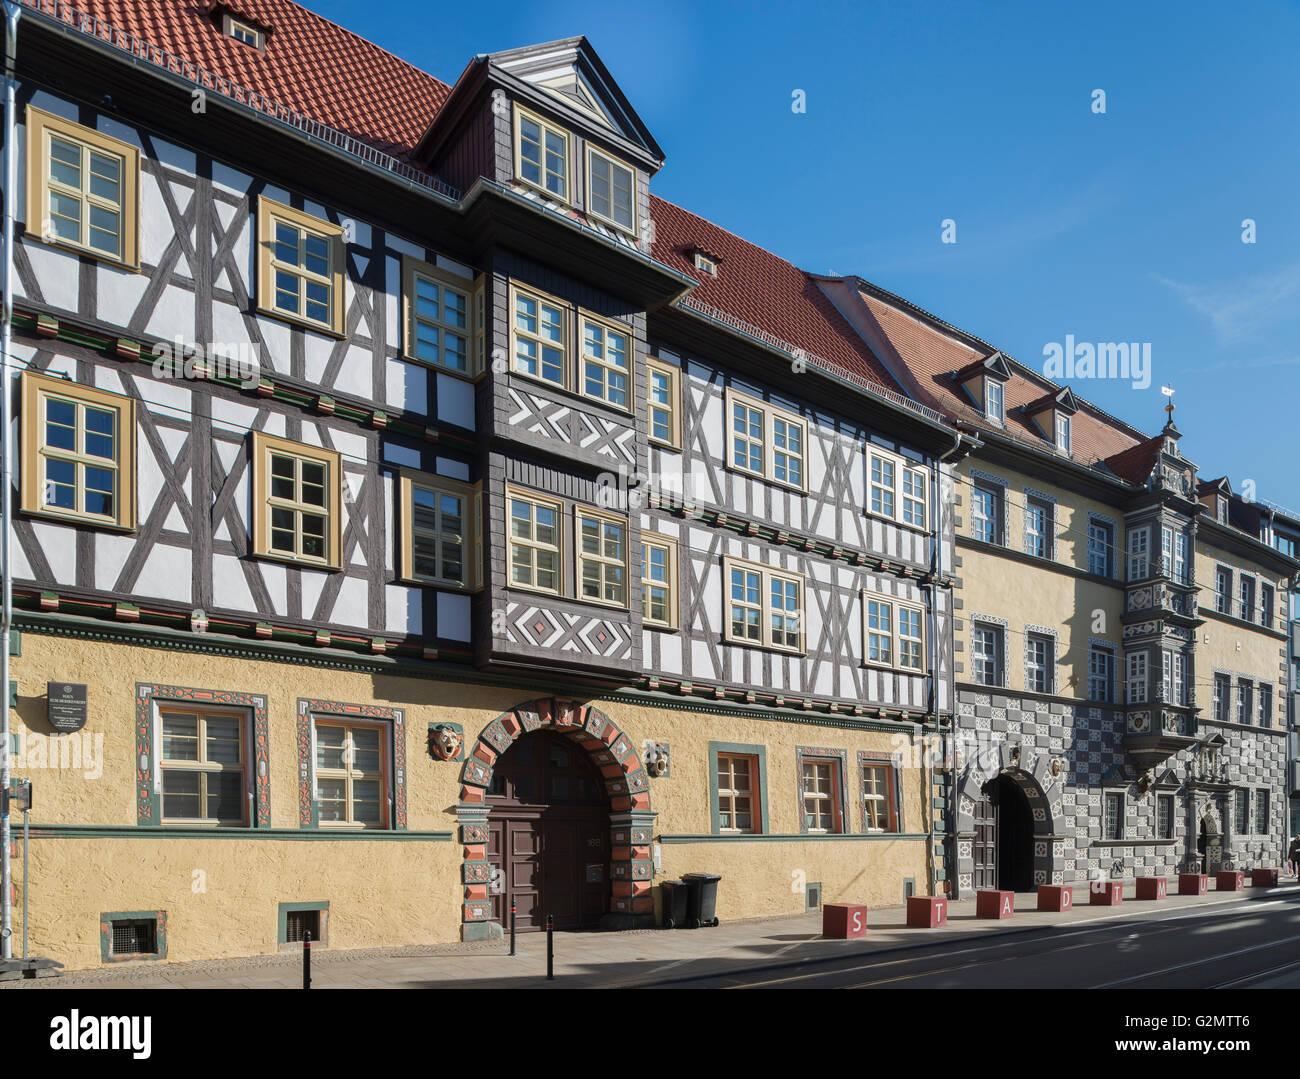 Half-timbered houses, Haus zum Mohrenkopf of 1610, Municipal Museum, Haus zum Stockfisch 1607, Erfurt, Thuringia, - Stock Image